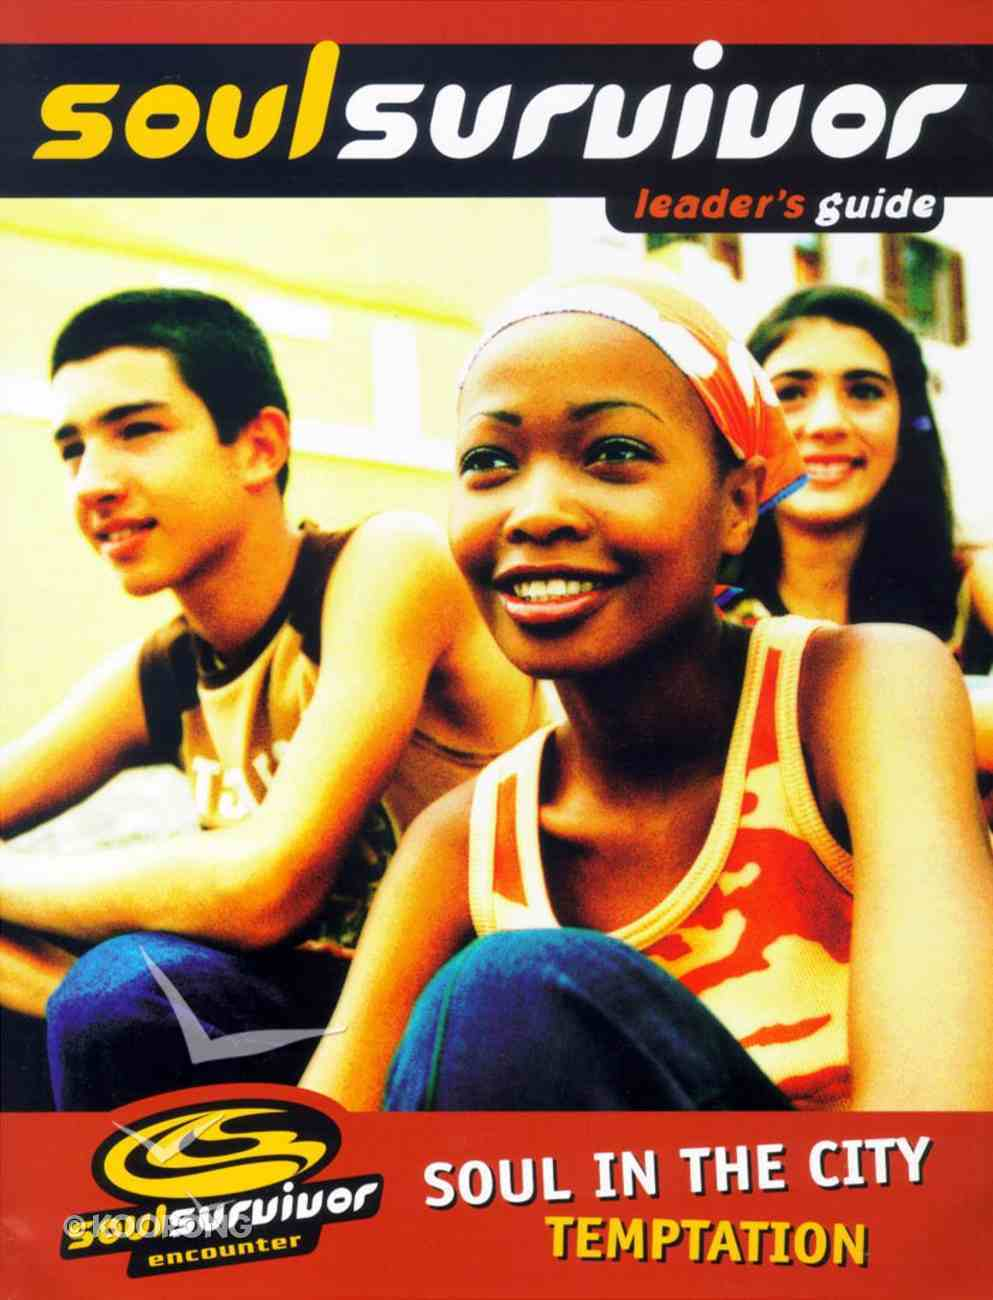 Soul Survivor Encounter #02 (Leader's Guide) Paperback